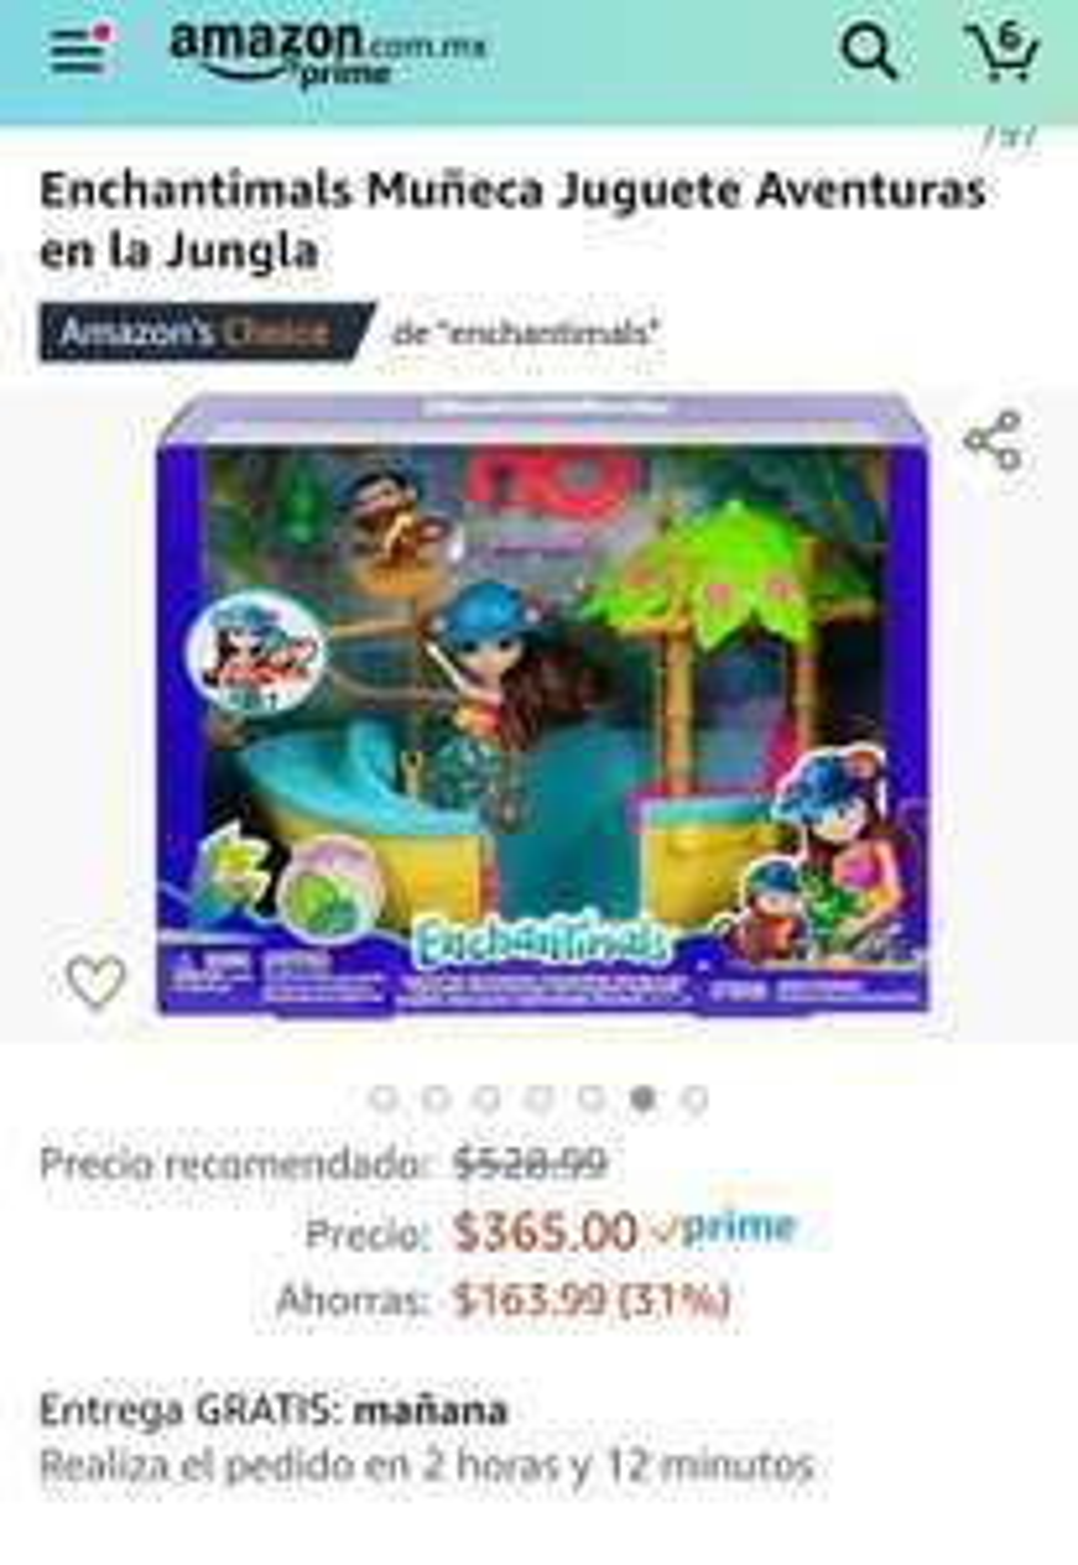 Amazon: Enchantimals Muñeca Juguete Aventuras en la Jungla